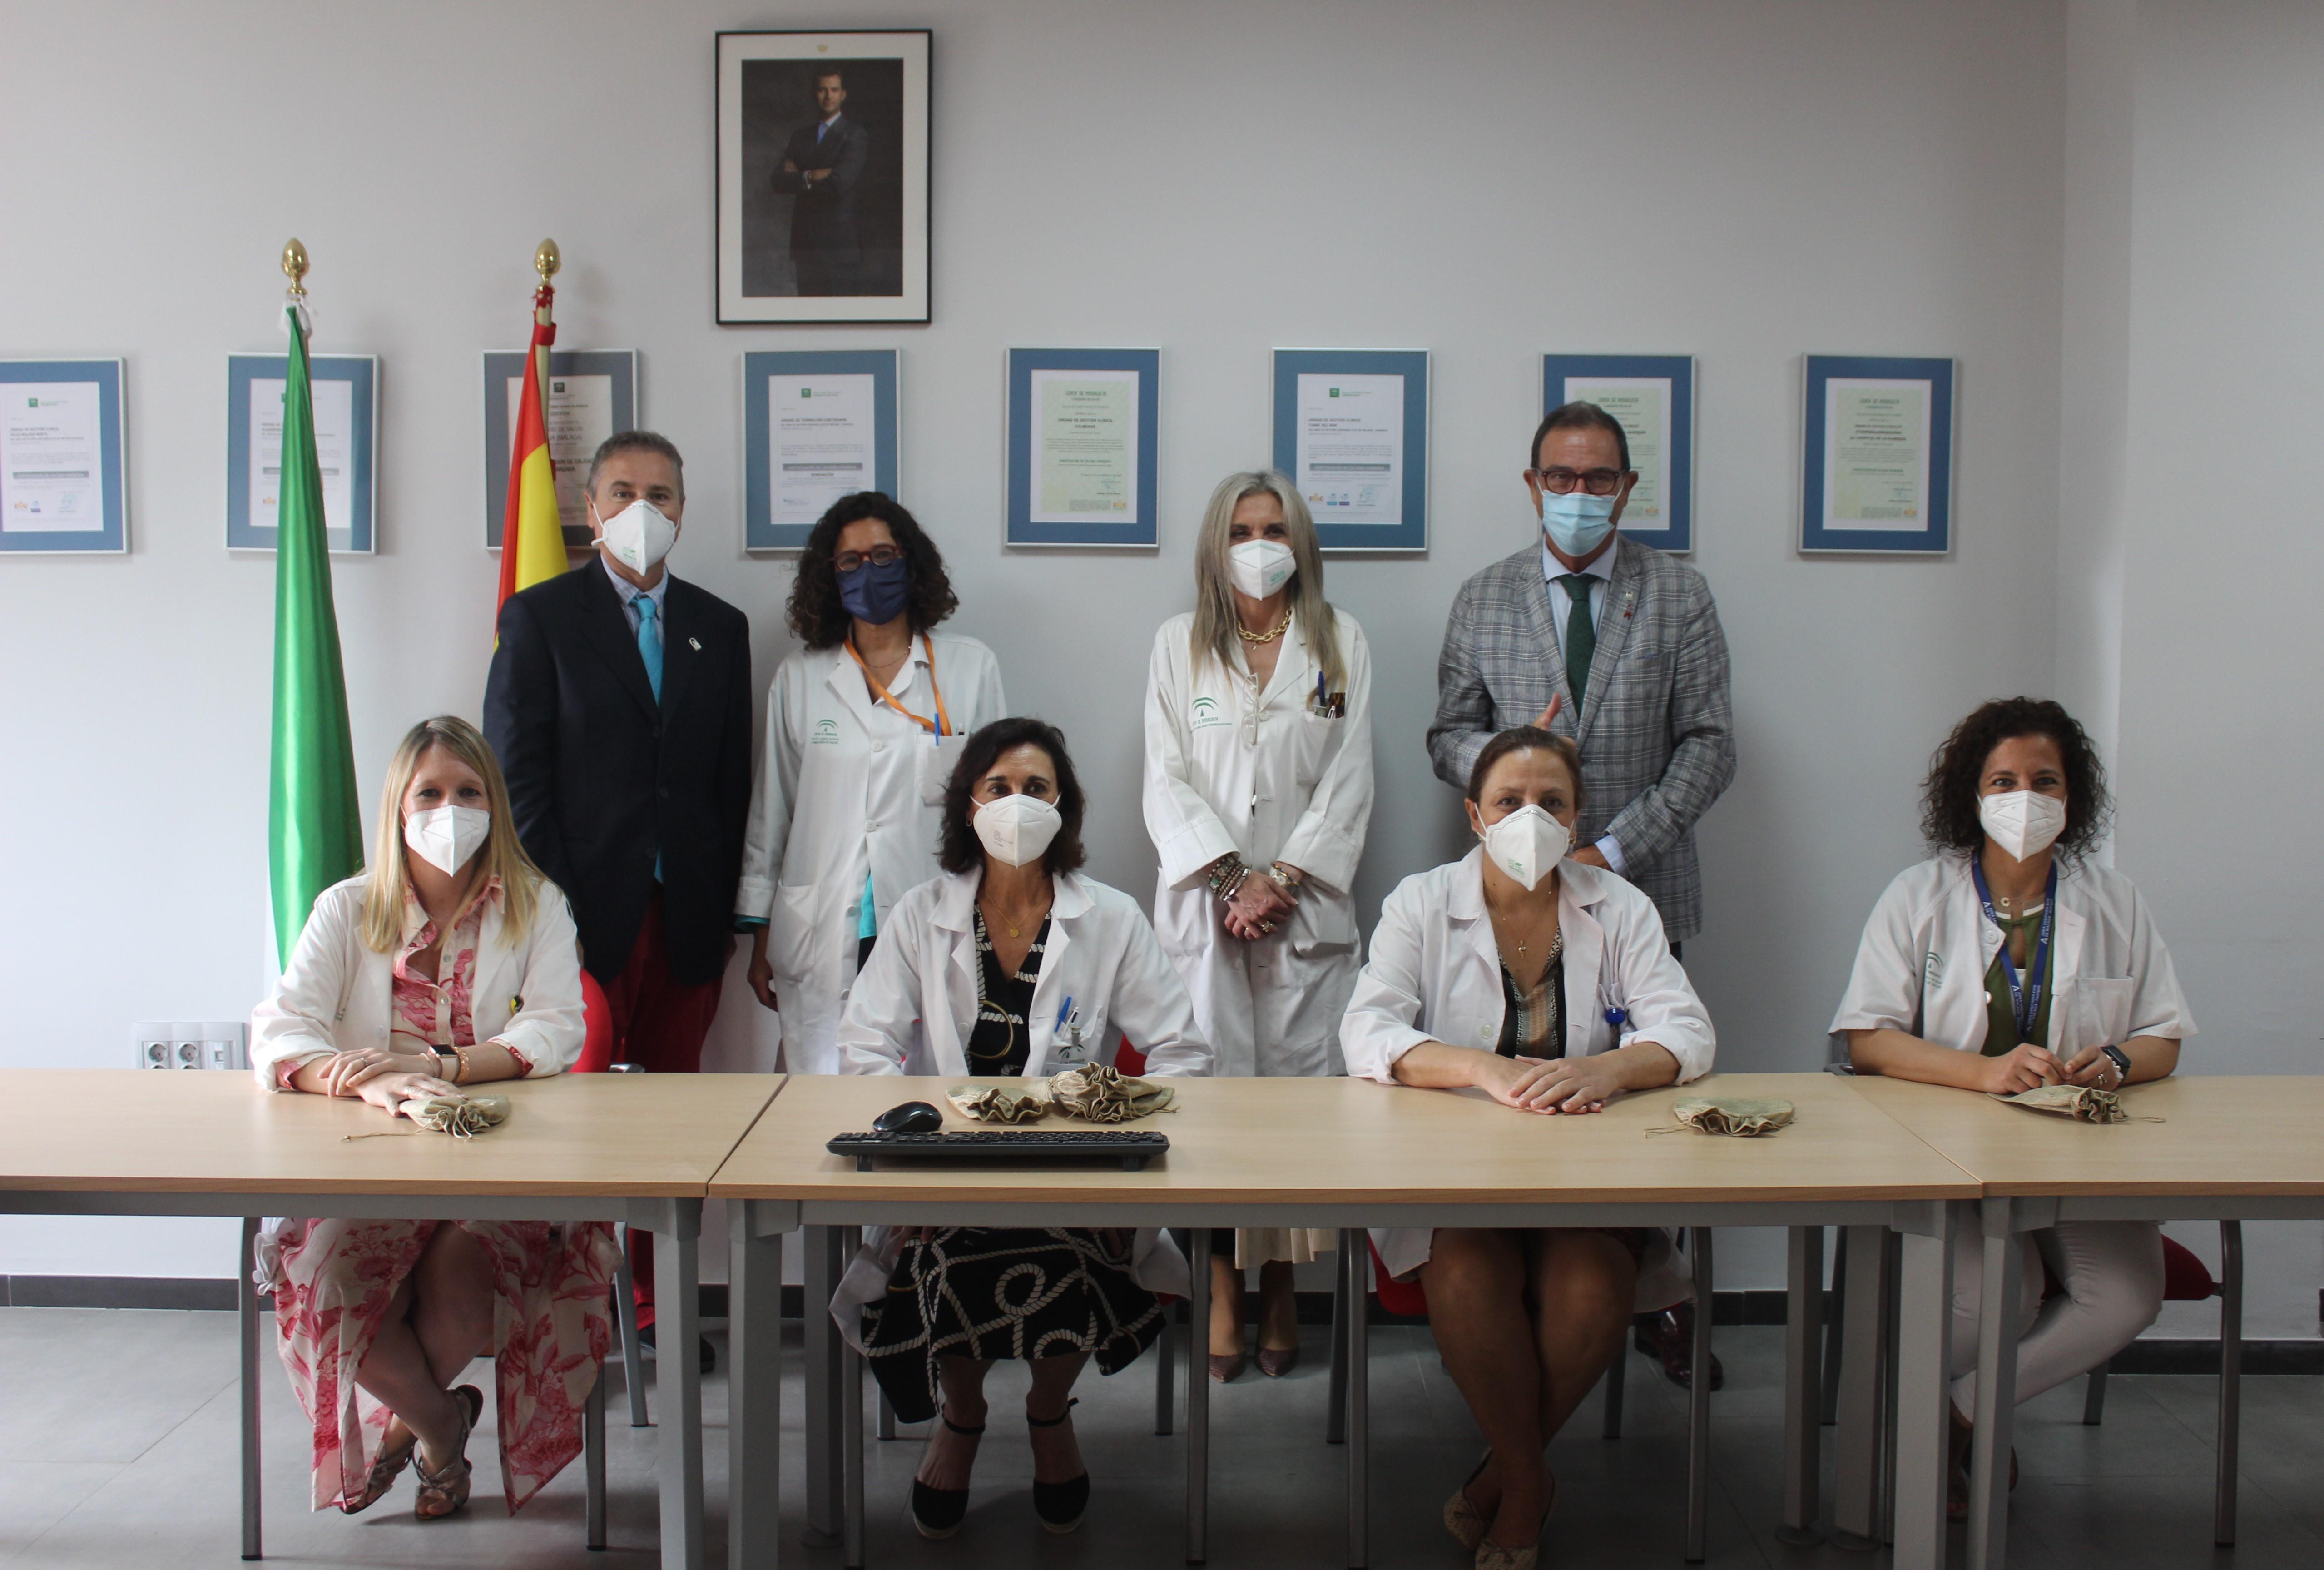 El delegado de Salud y Familias agradece al equipo de epidemiología del Área Sanitaria Este de Málaga-Axarquía su trabajo contra la pandemia de Covid-19